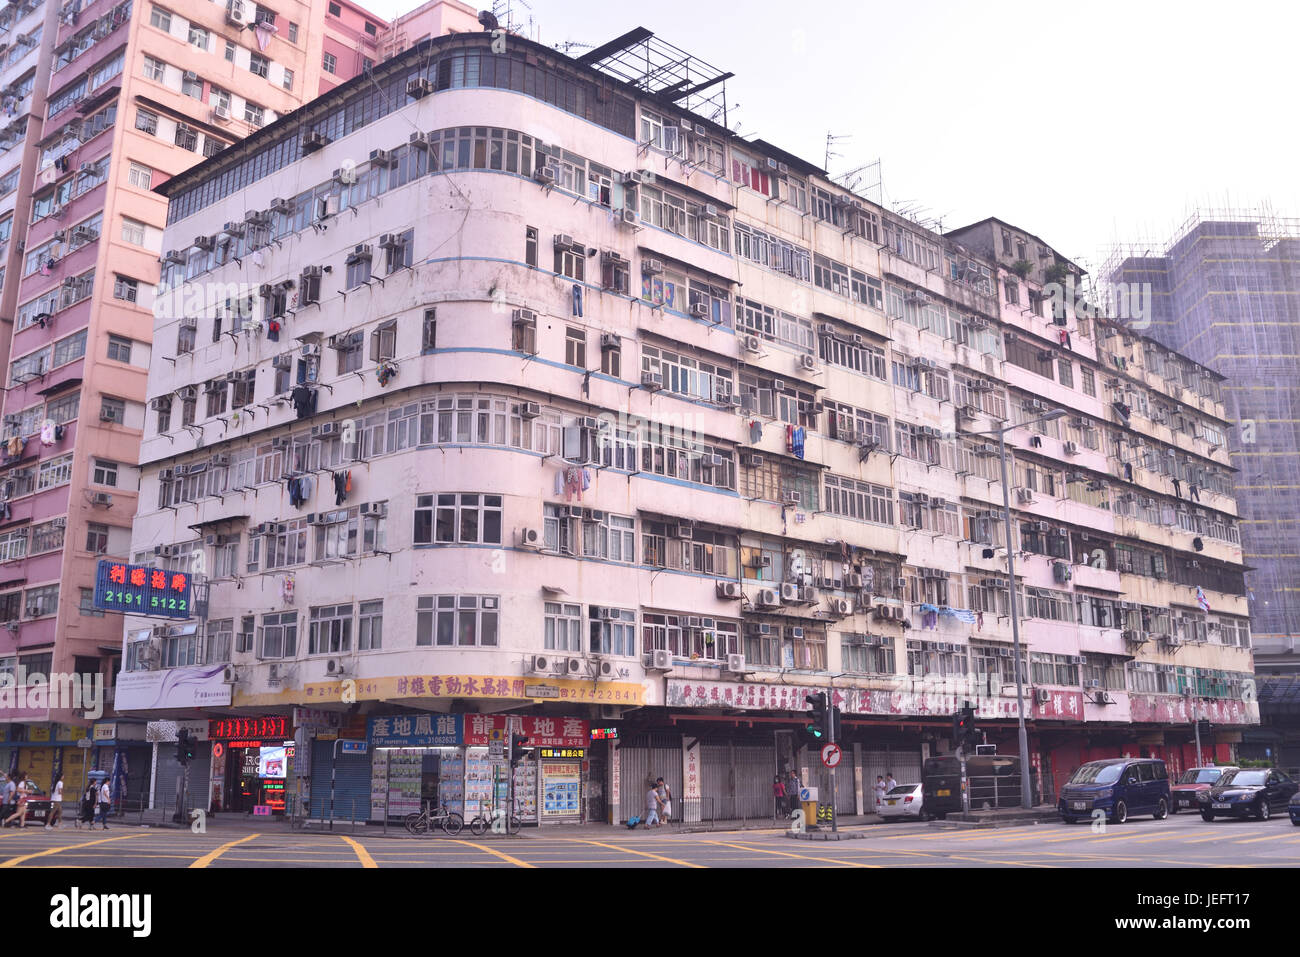 old district, Kowloon, Hong Kong - Stock Image